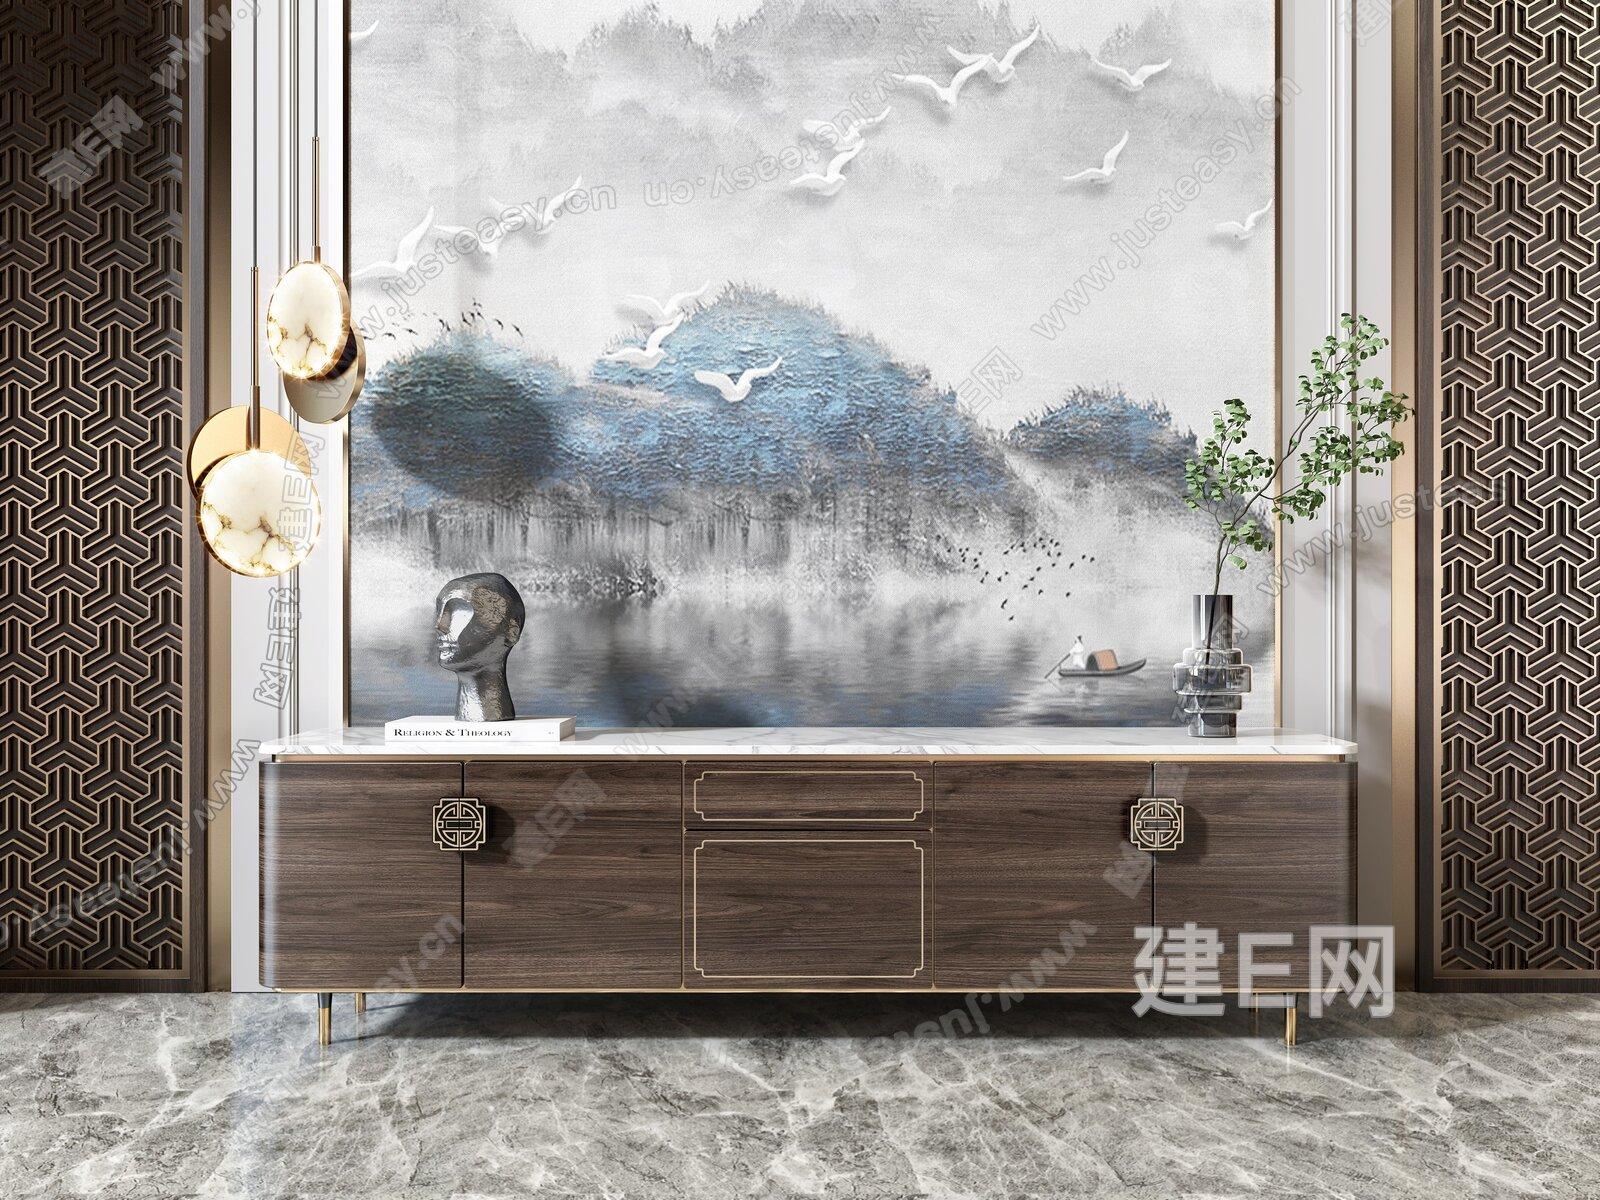 新中式电视柜吊灯屏风组合3d模型